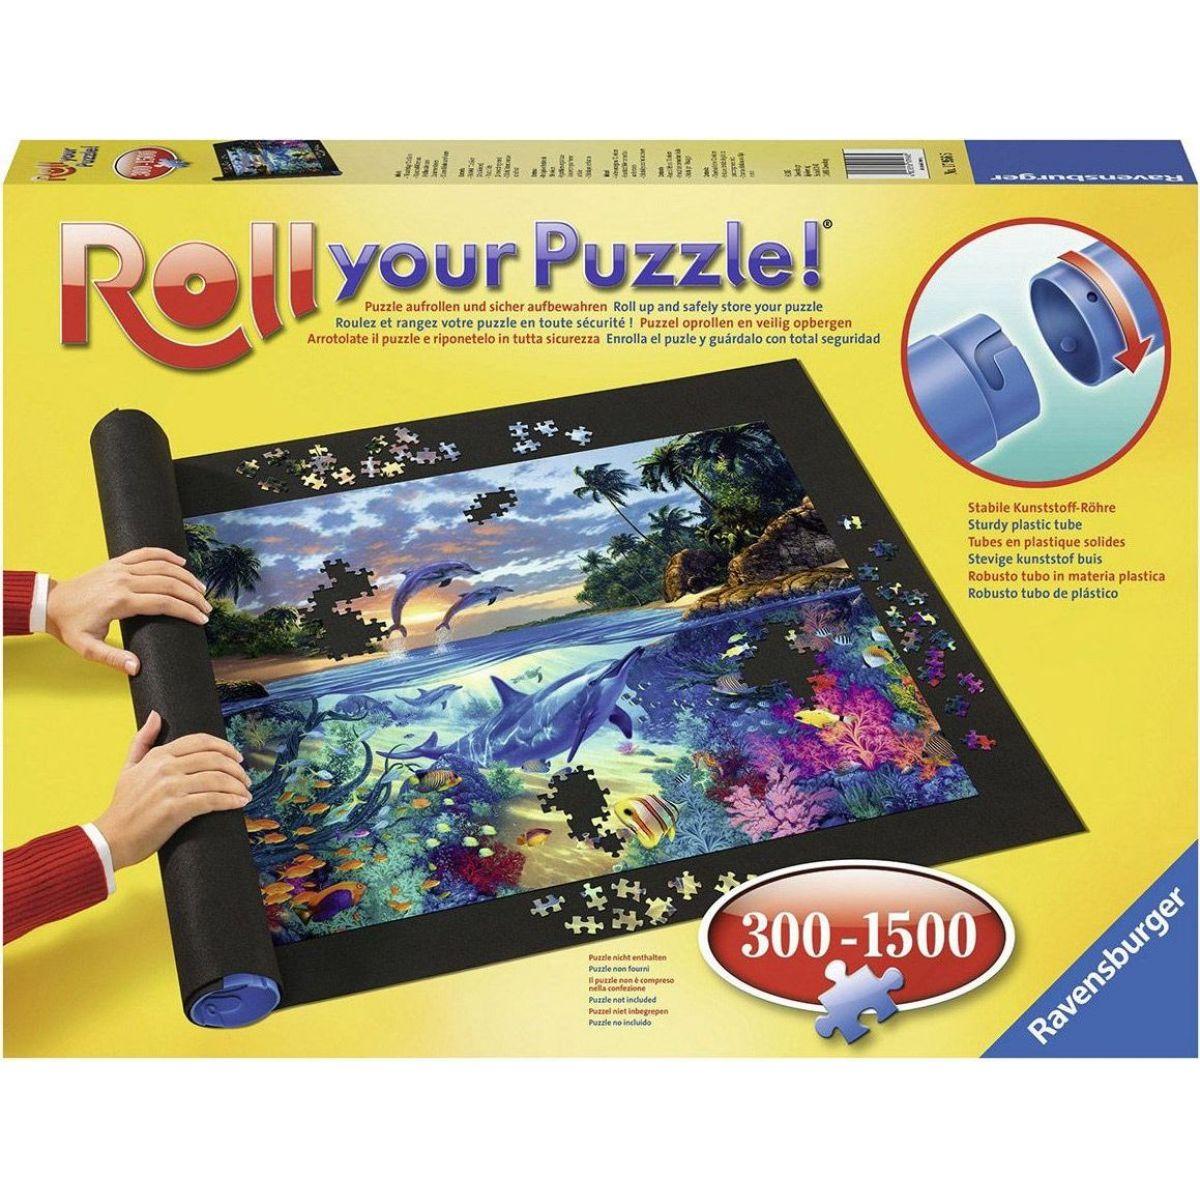 Ravensburger Roll Your Puzzle 179565 Podložka 300 - 1500 dílků